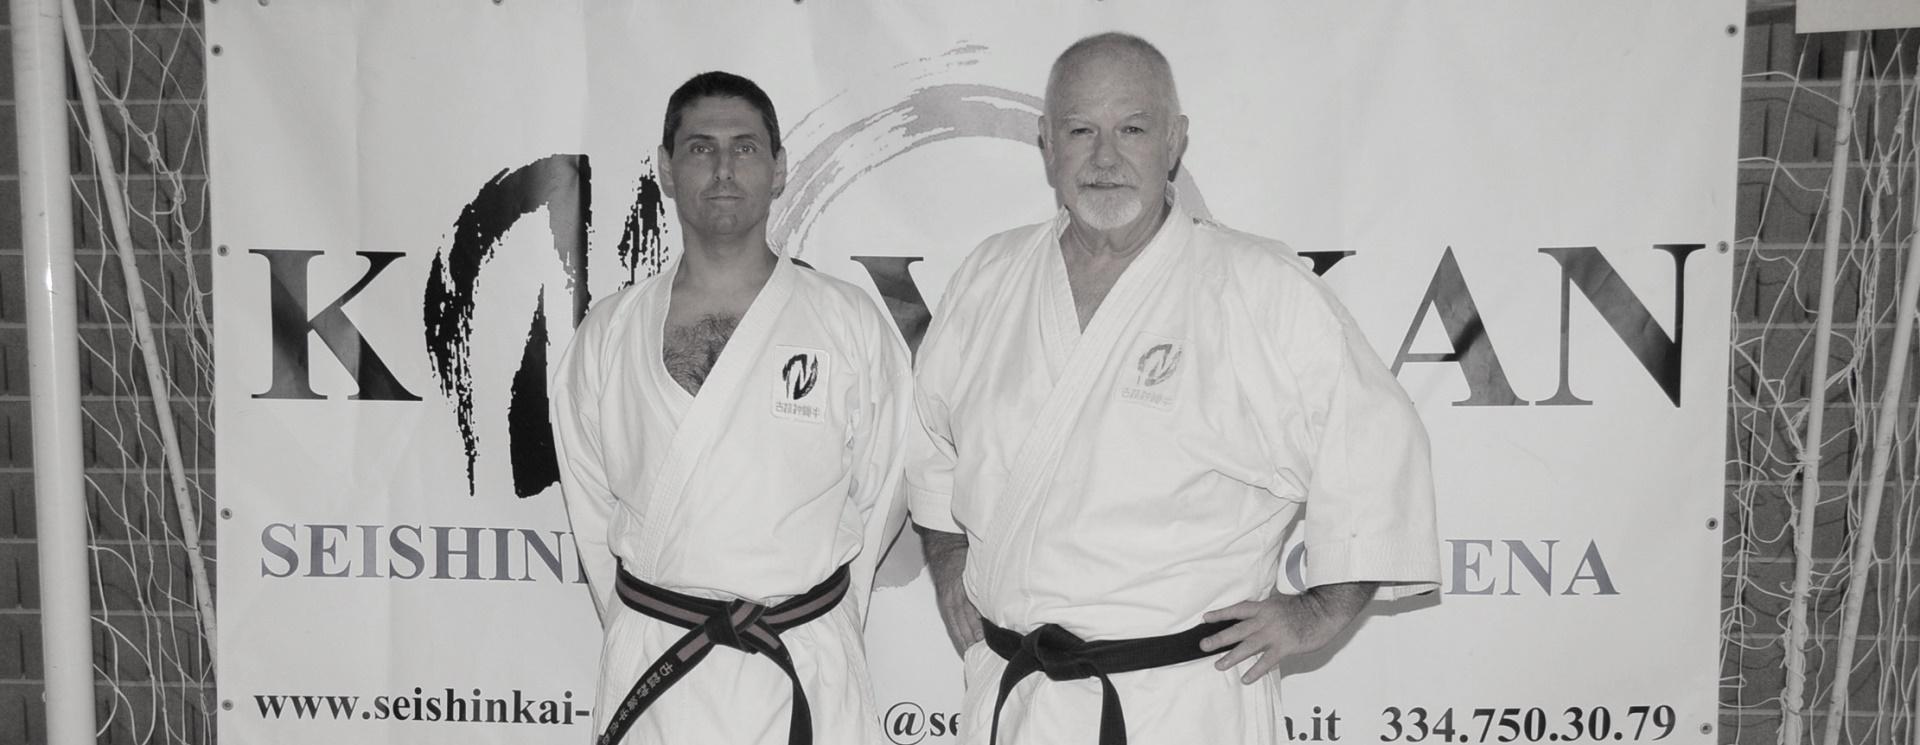 ACSD Seishinkai: Karate e Reiki a Cesena